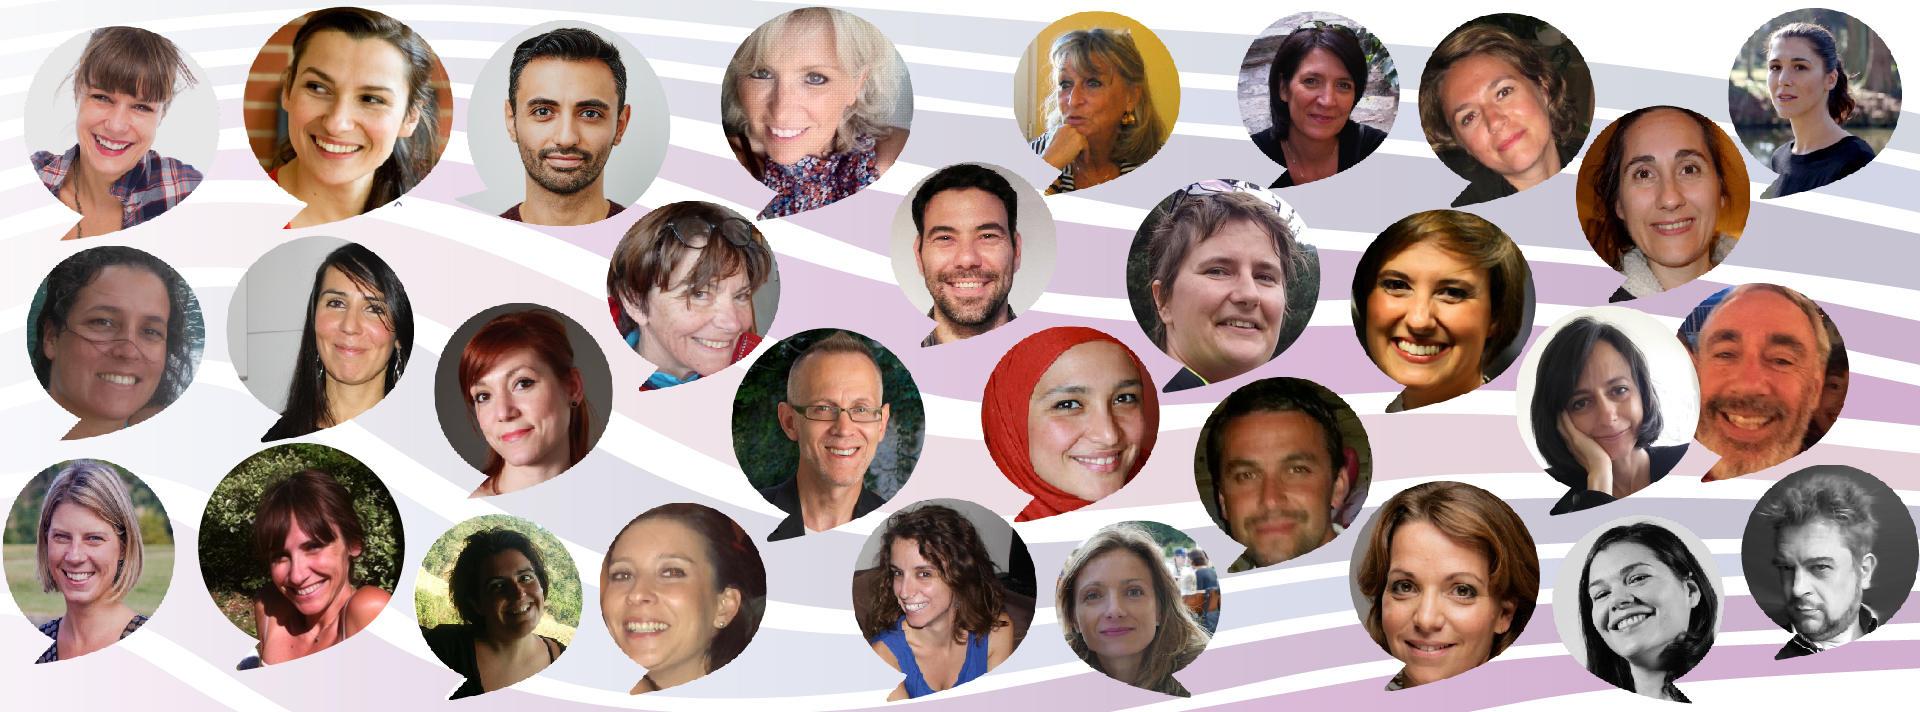 Mur de la gratitude des Happycuriennes, co-creatrices de notre ligne de soins bio et vegan